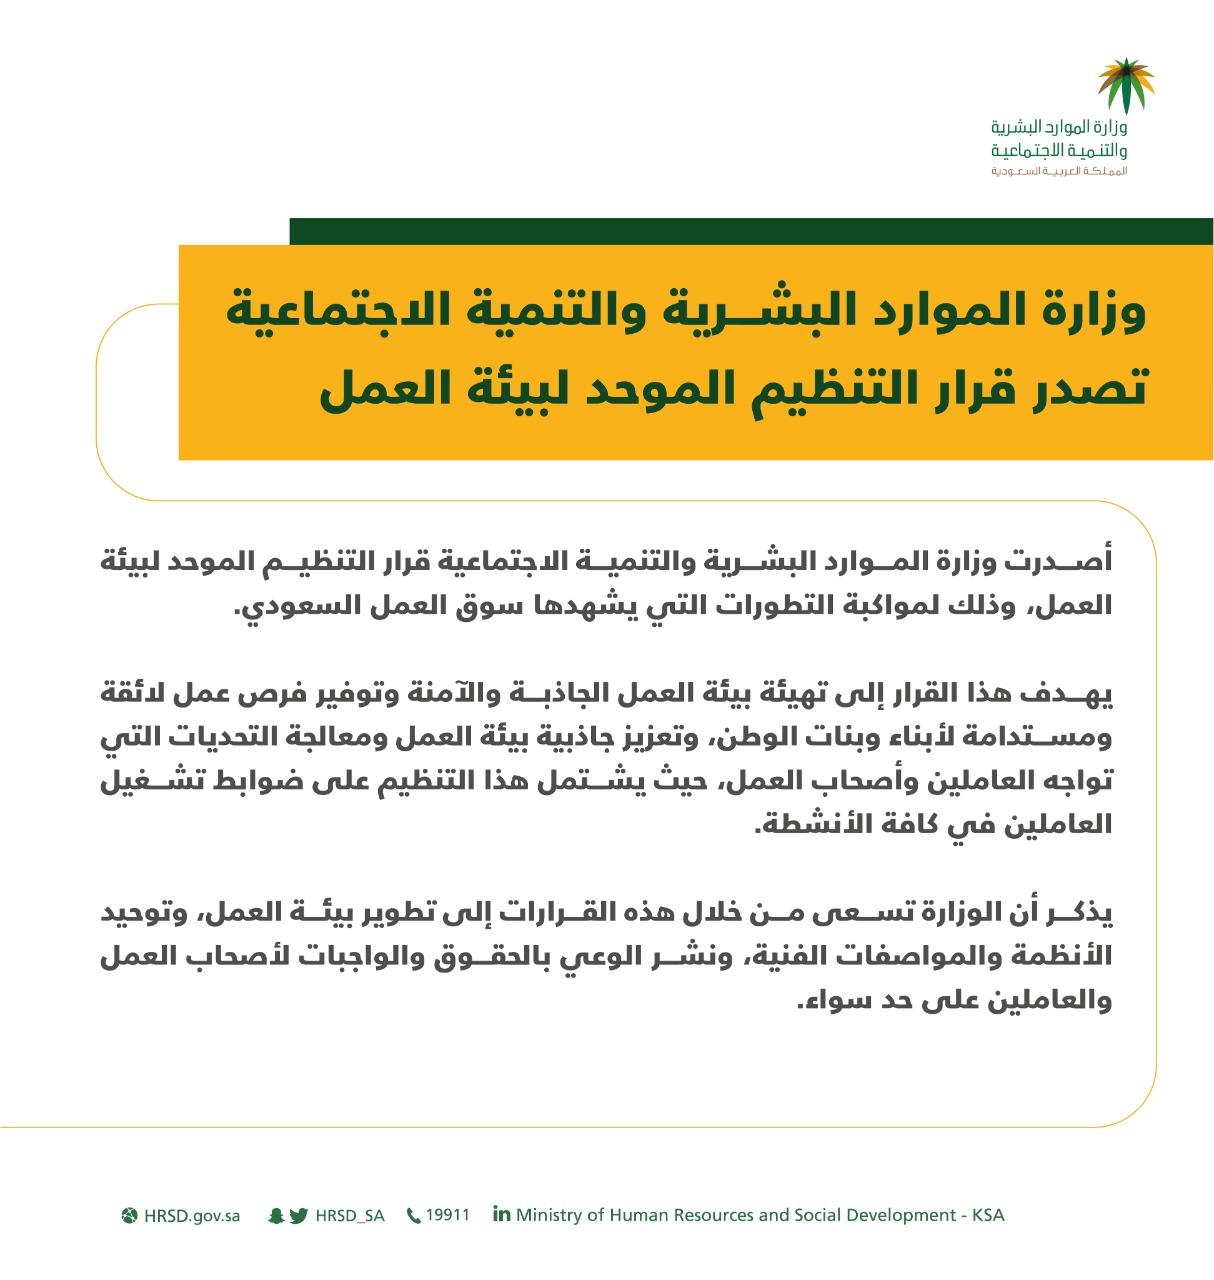 قرار هام بشأن العمل في السعودية بواسطة Investing.com